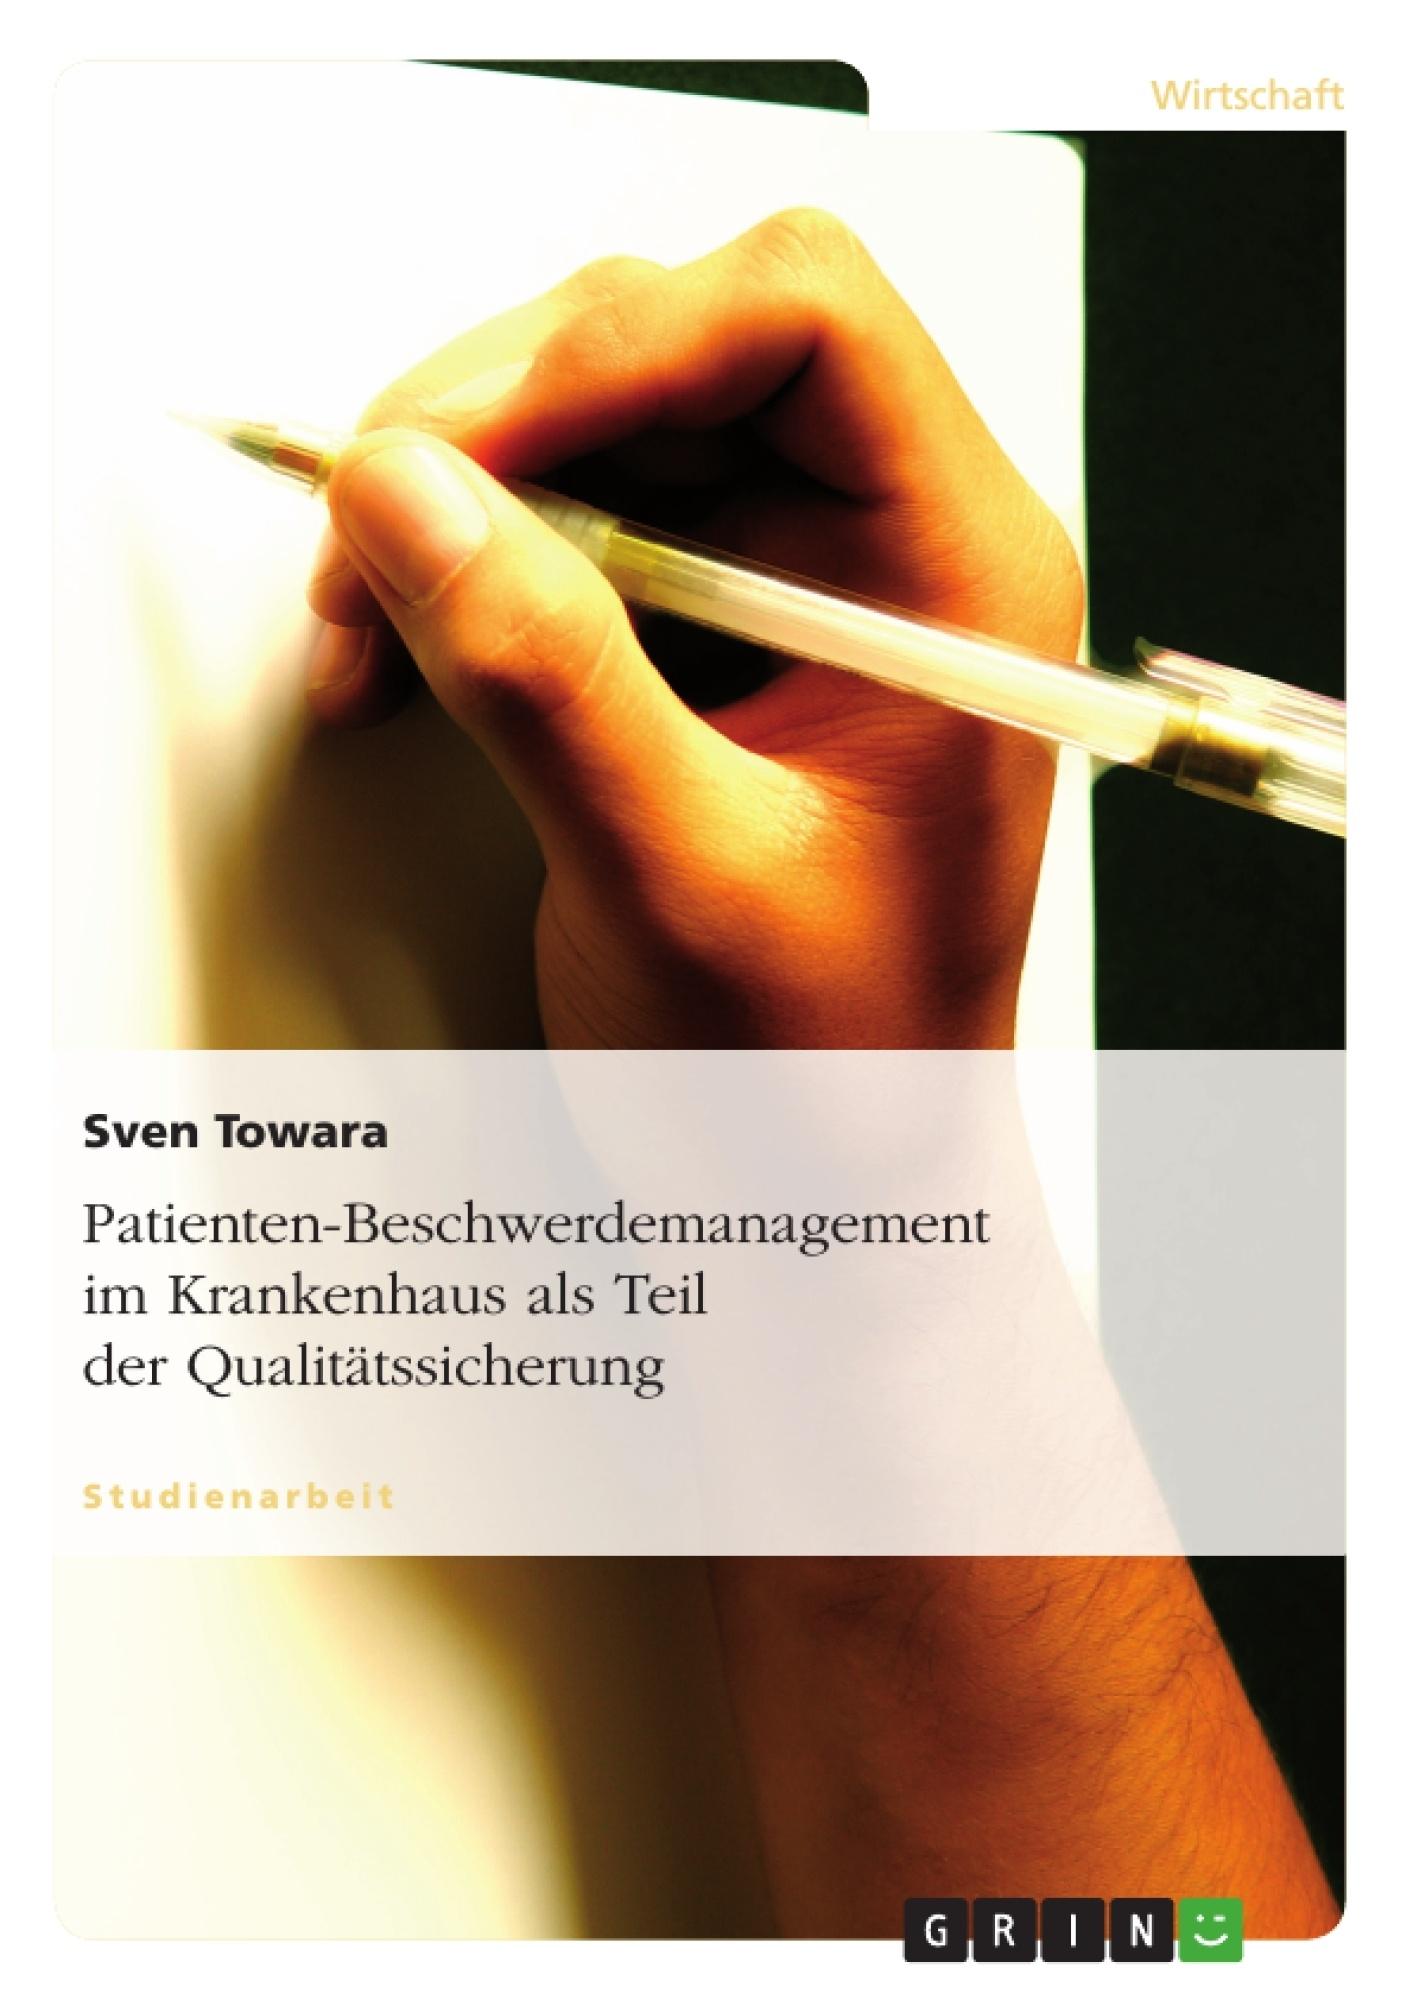 Titel: Patienten-Beschwerdemanagement im Krankenhaus als Teil der Qualitätssicherung